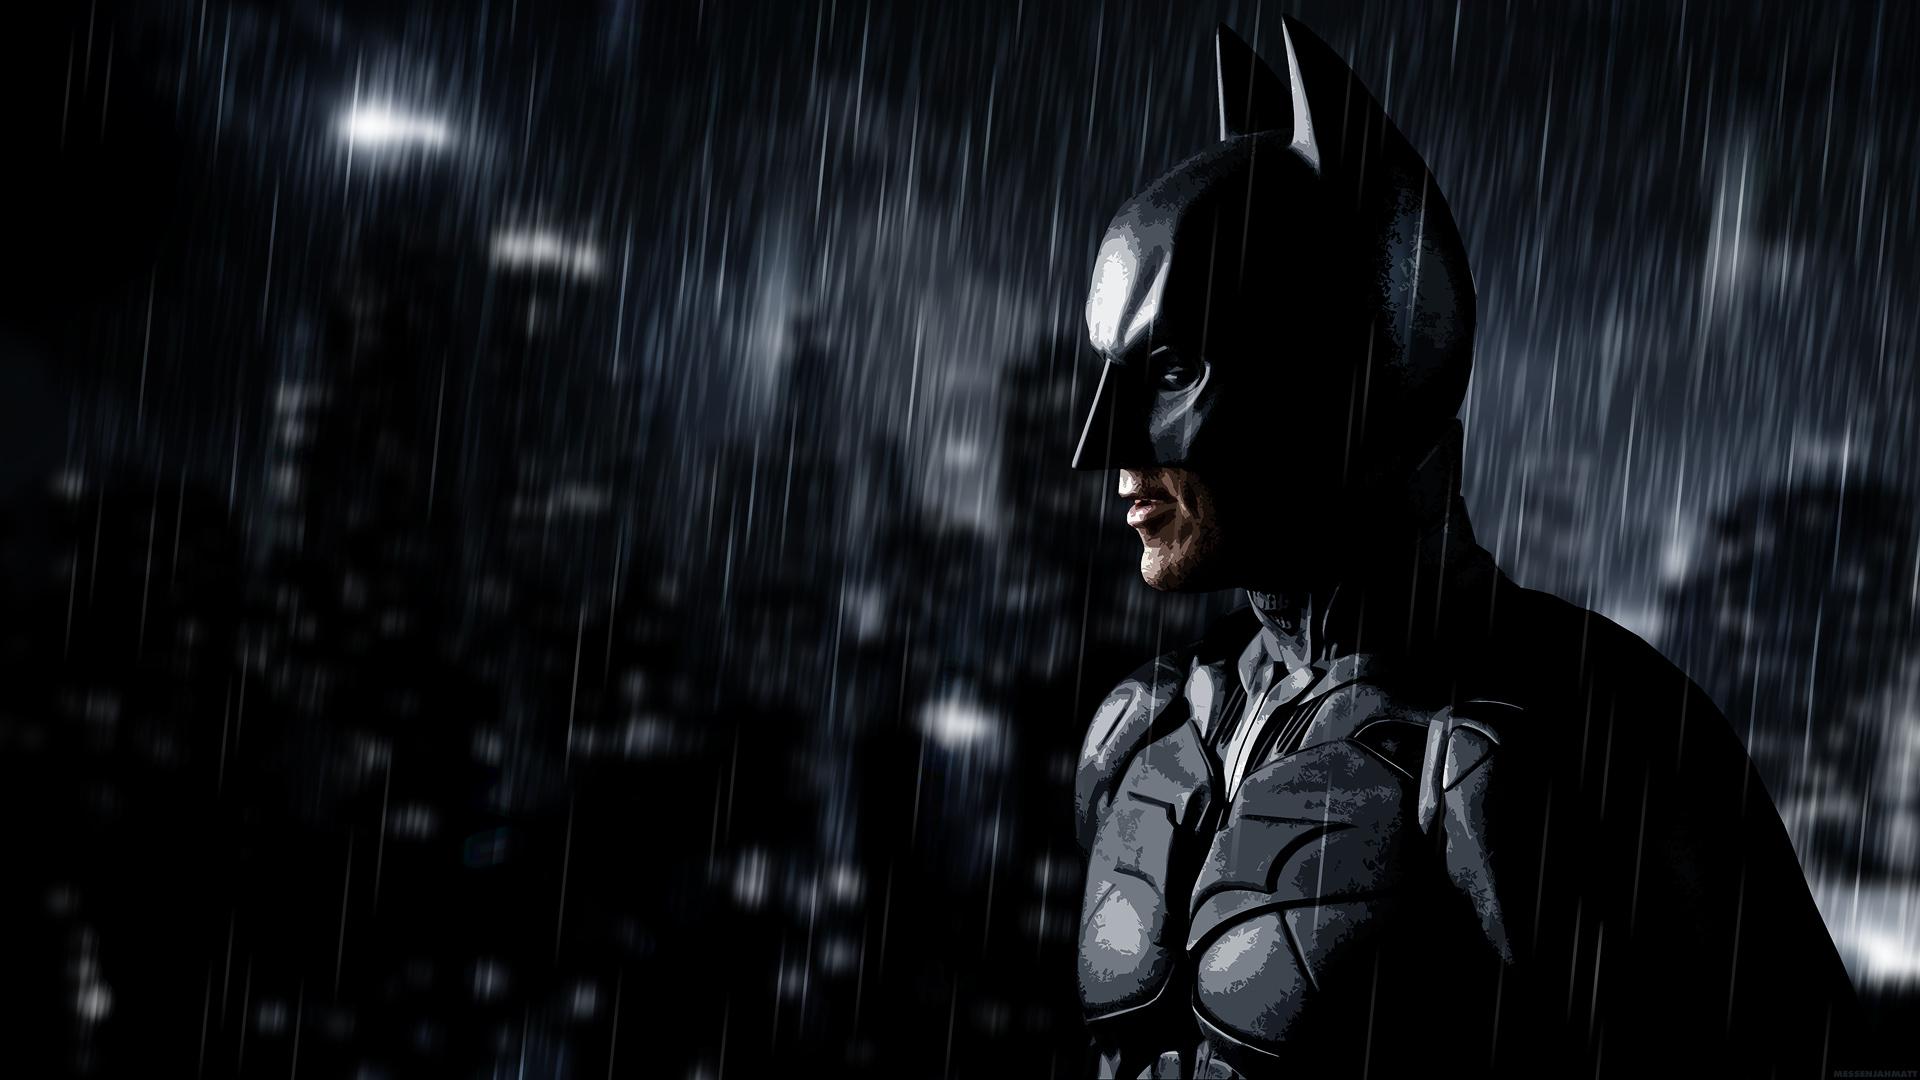 3D Batman Logo Exclusive HD Wallpapers 684 1920x1080